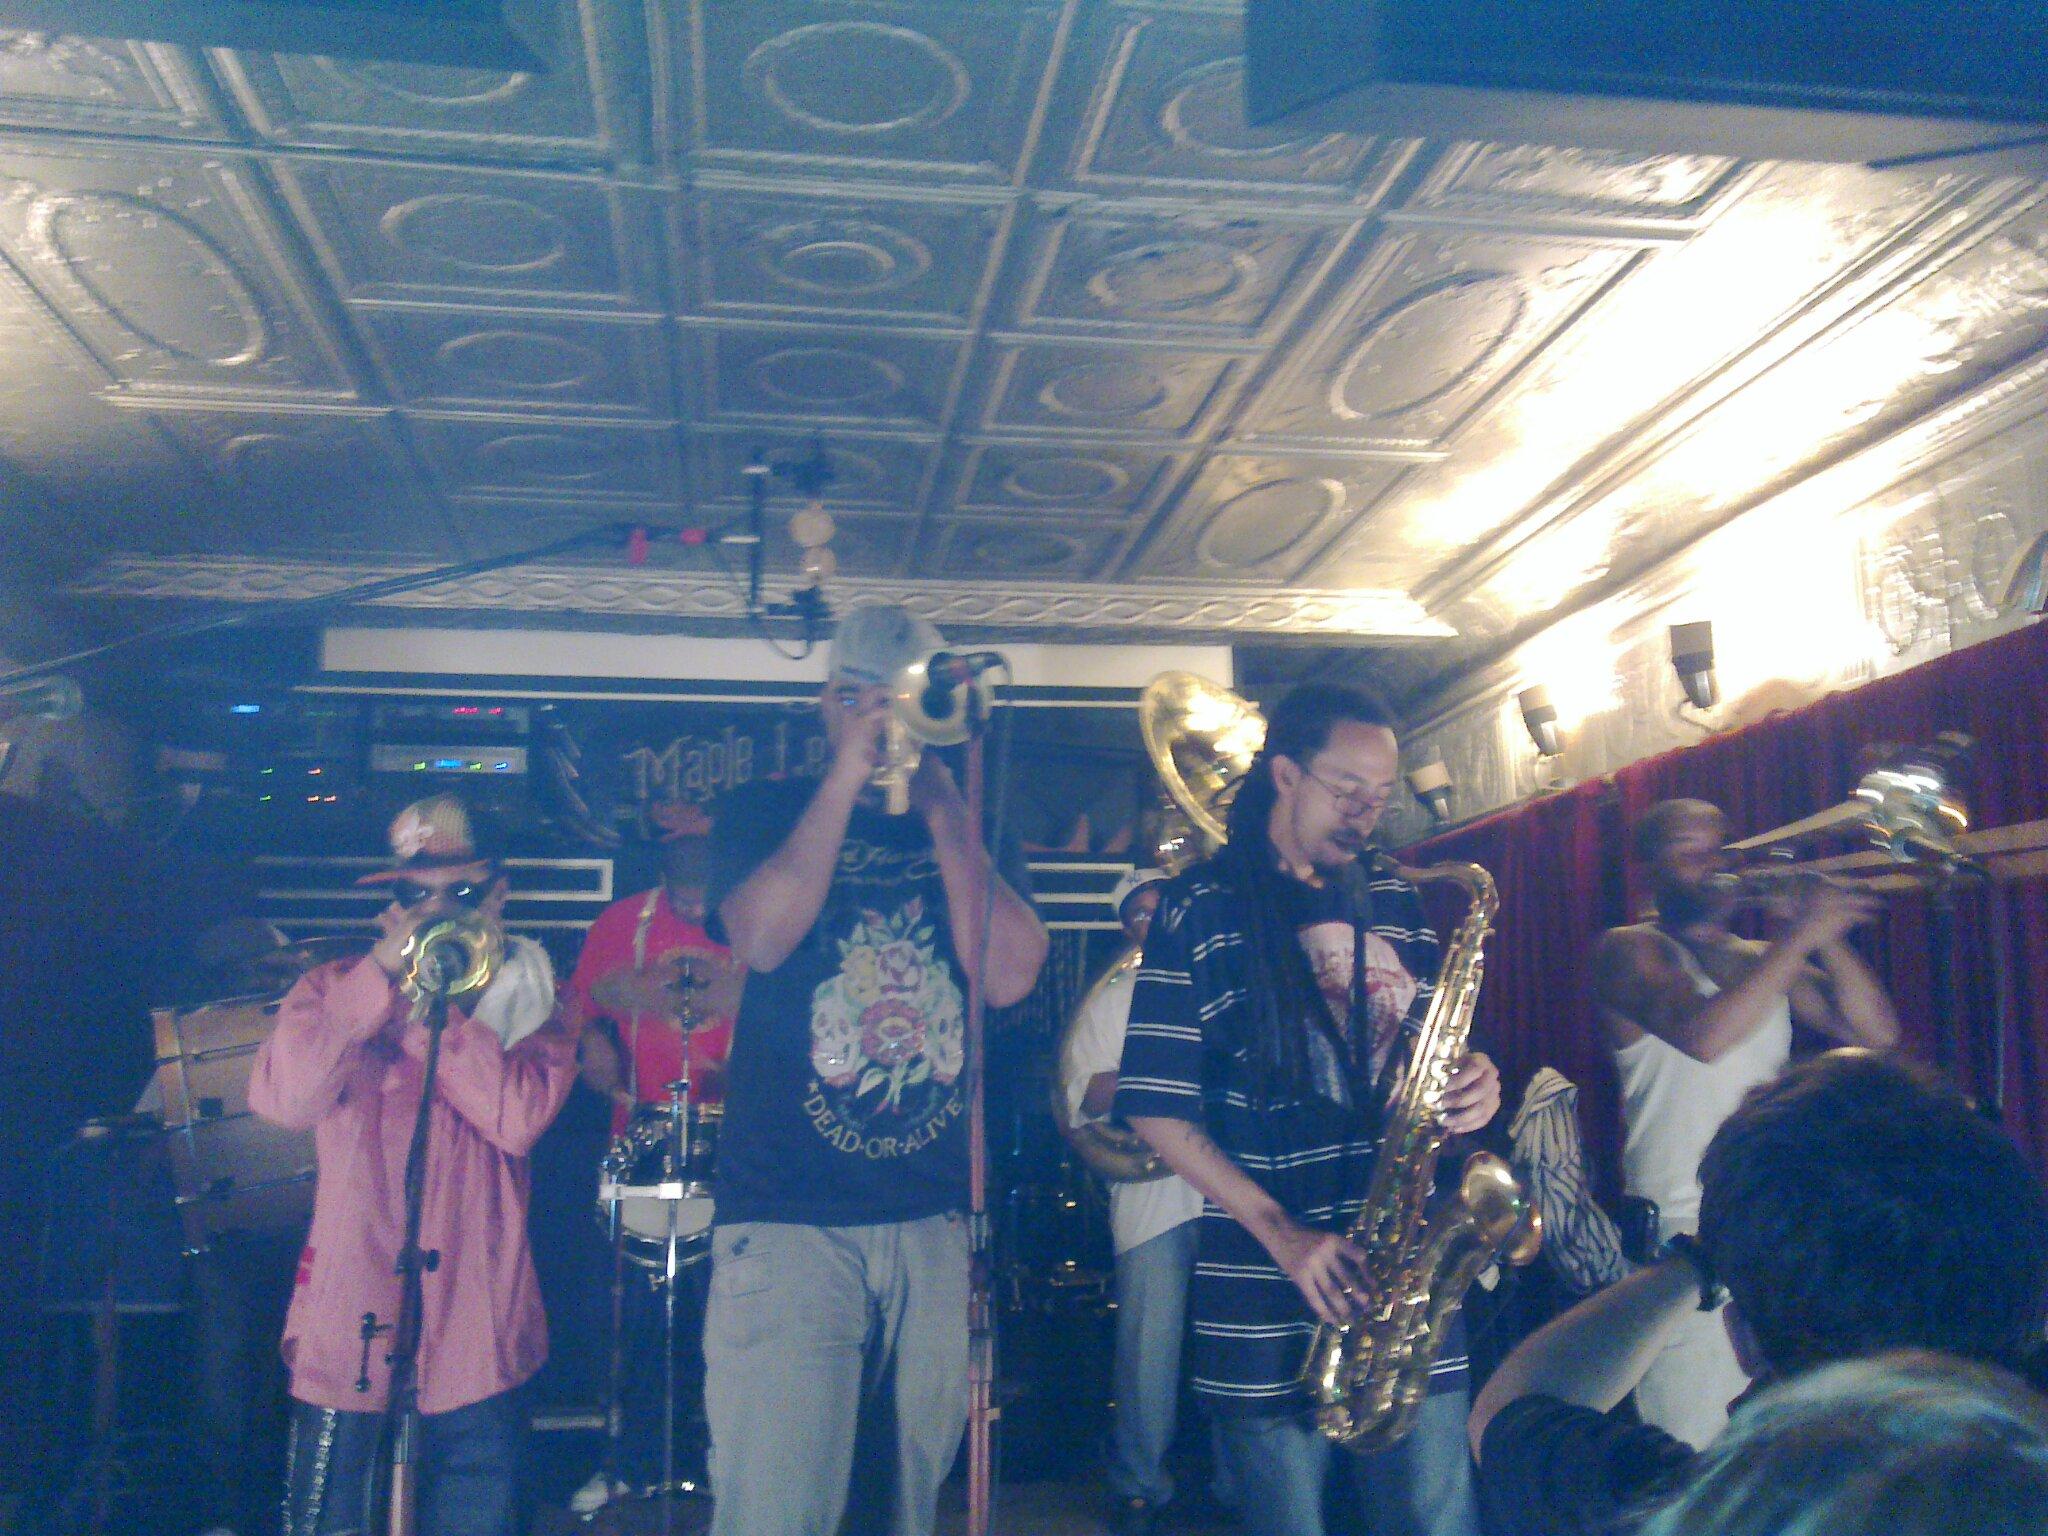 Rebirth Brass Band @ Maple Leaf, New Orleans Feb 15 2011. Photo by Mikko Karjalainen